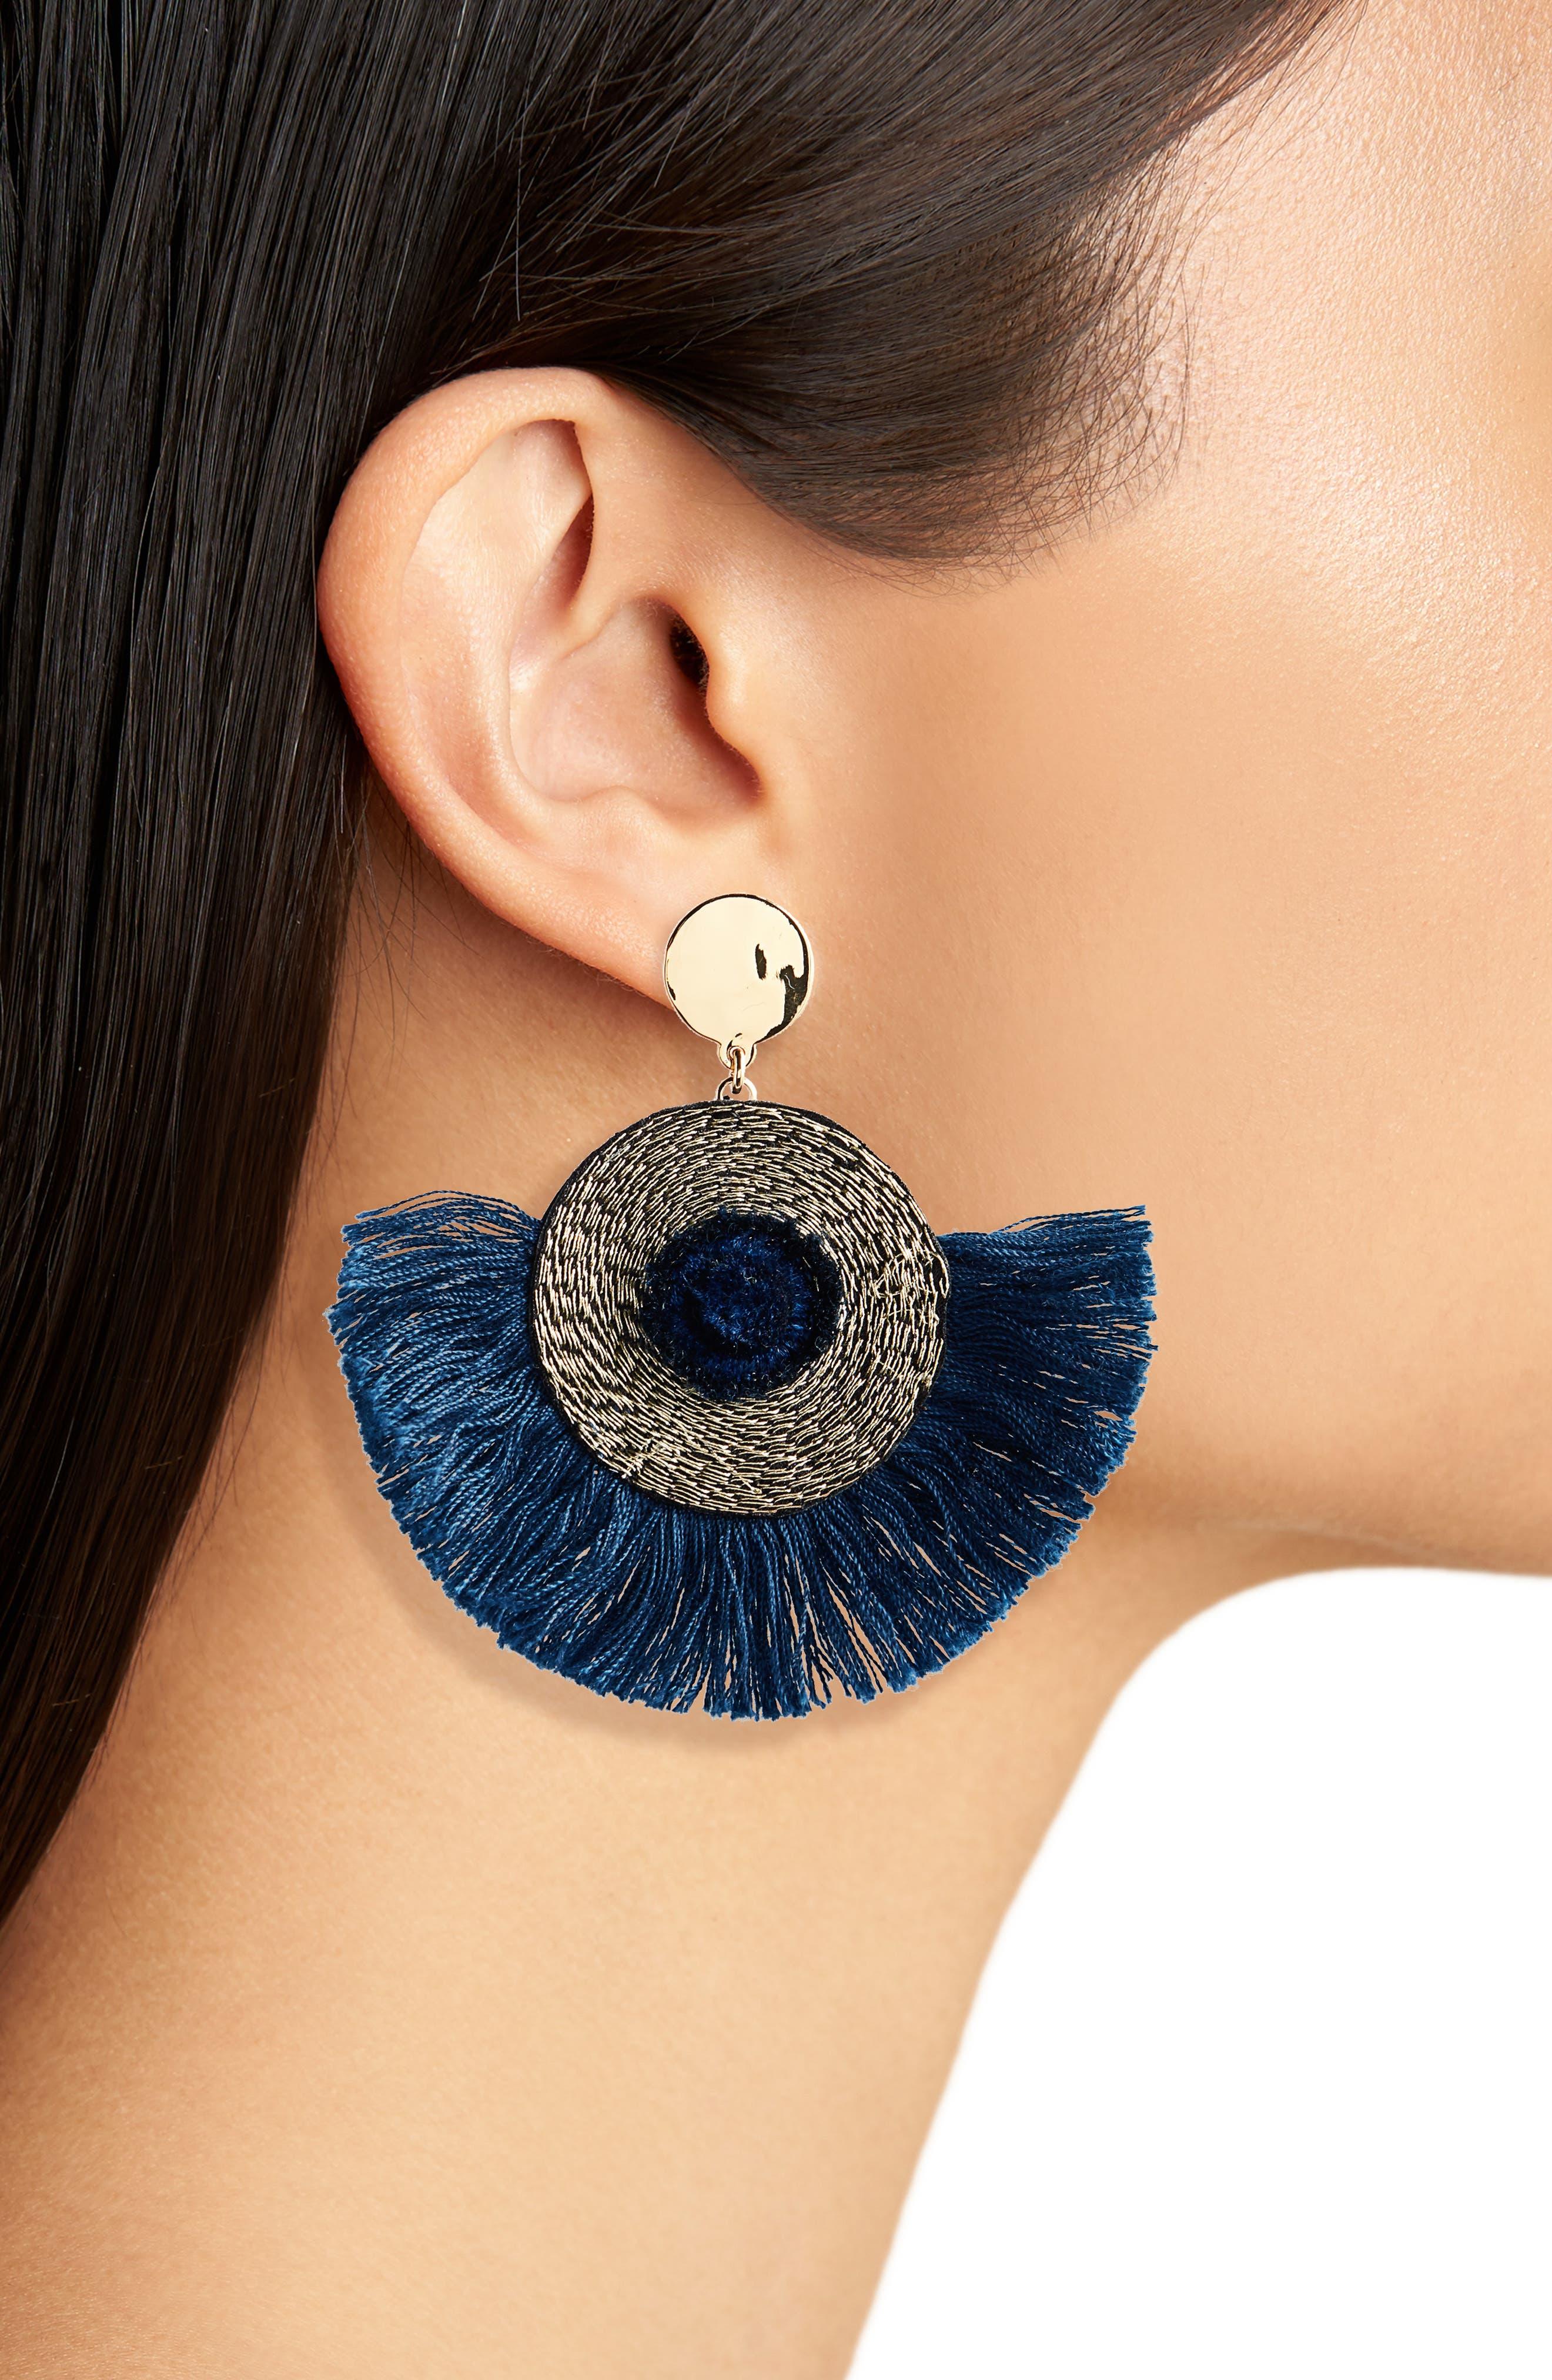 Fan Statement Earrings,                             Alternate thumbnail 2, color,                             UNION BLUE